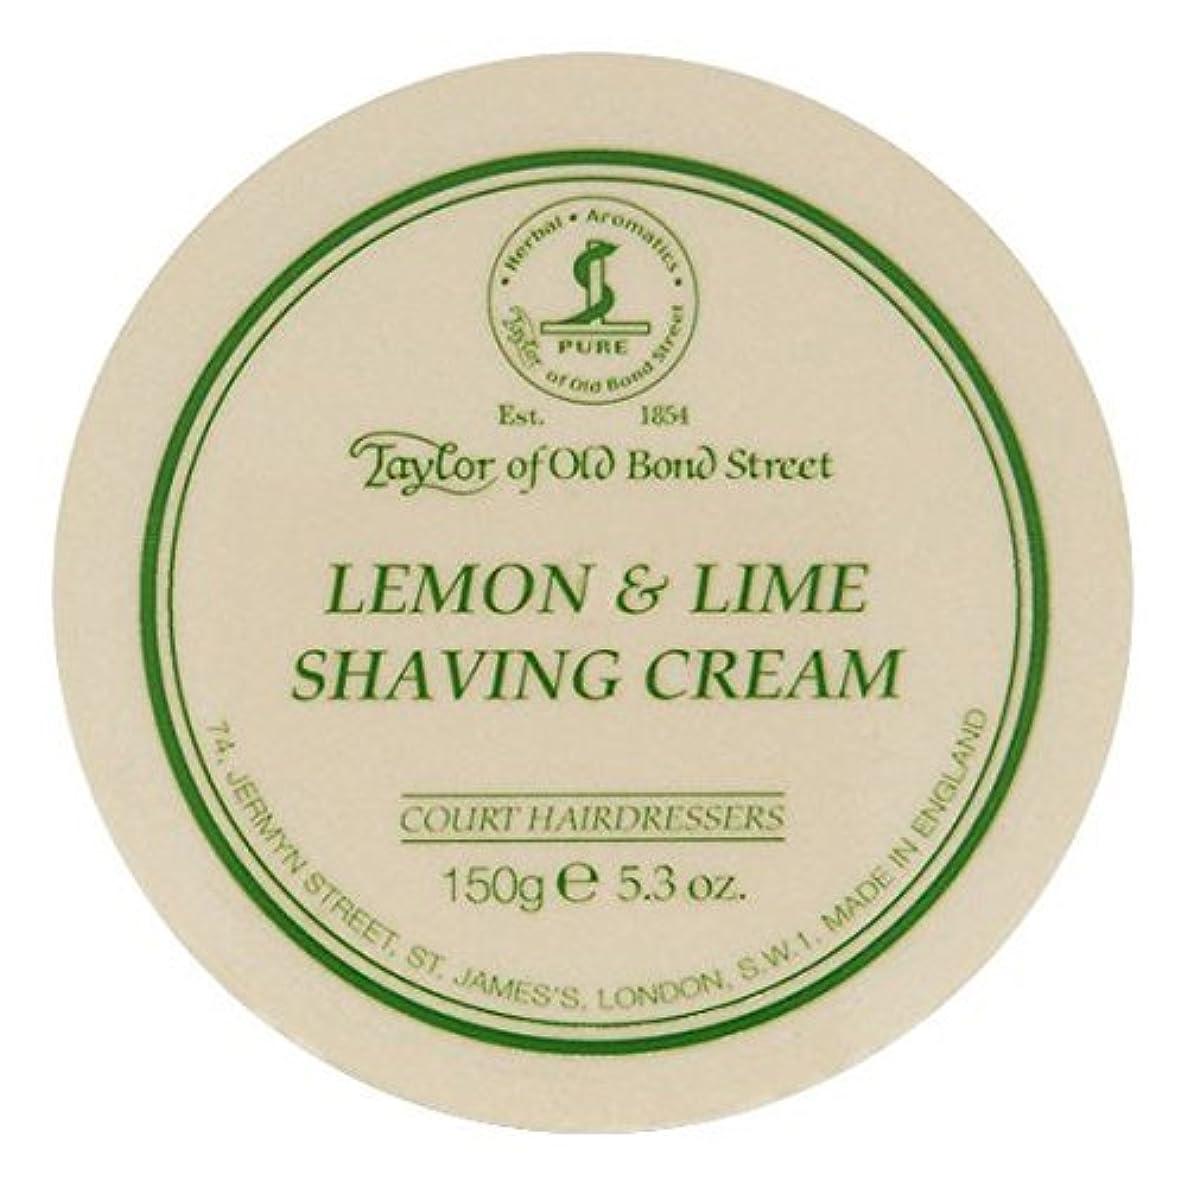 思春期納税者呼び起こすTaylor of Old Bond Street Lemon & Lime Shaving Cream Bowl Twin Pack by Taylor of Old Bond Street [並行輸入品]